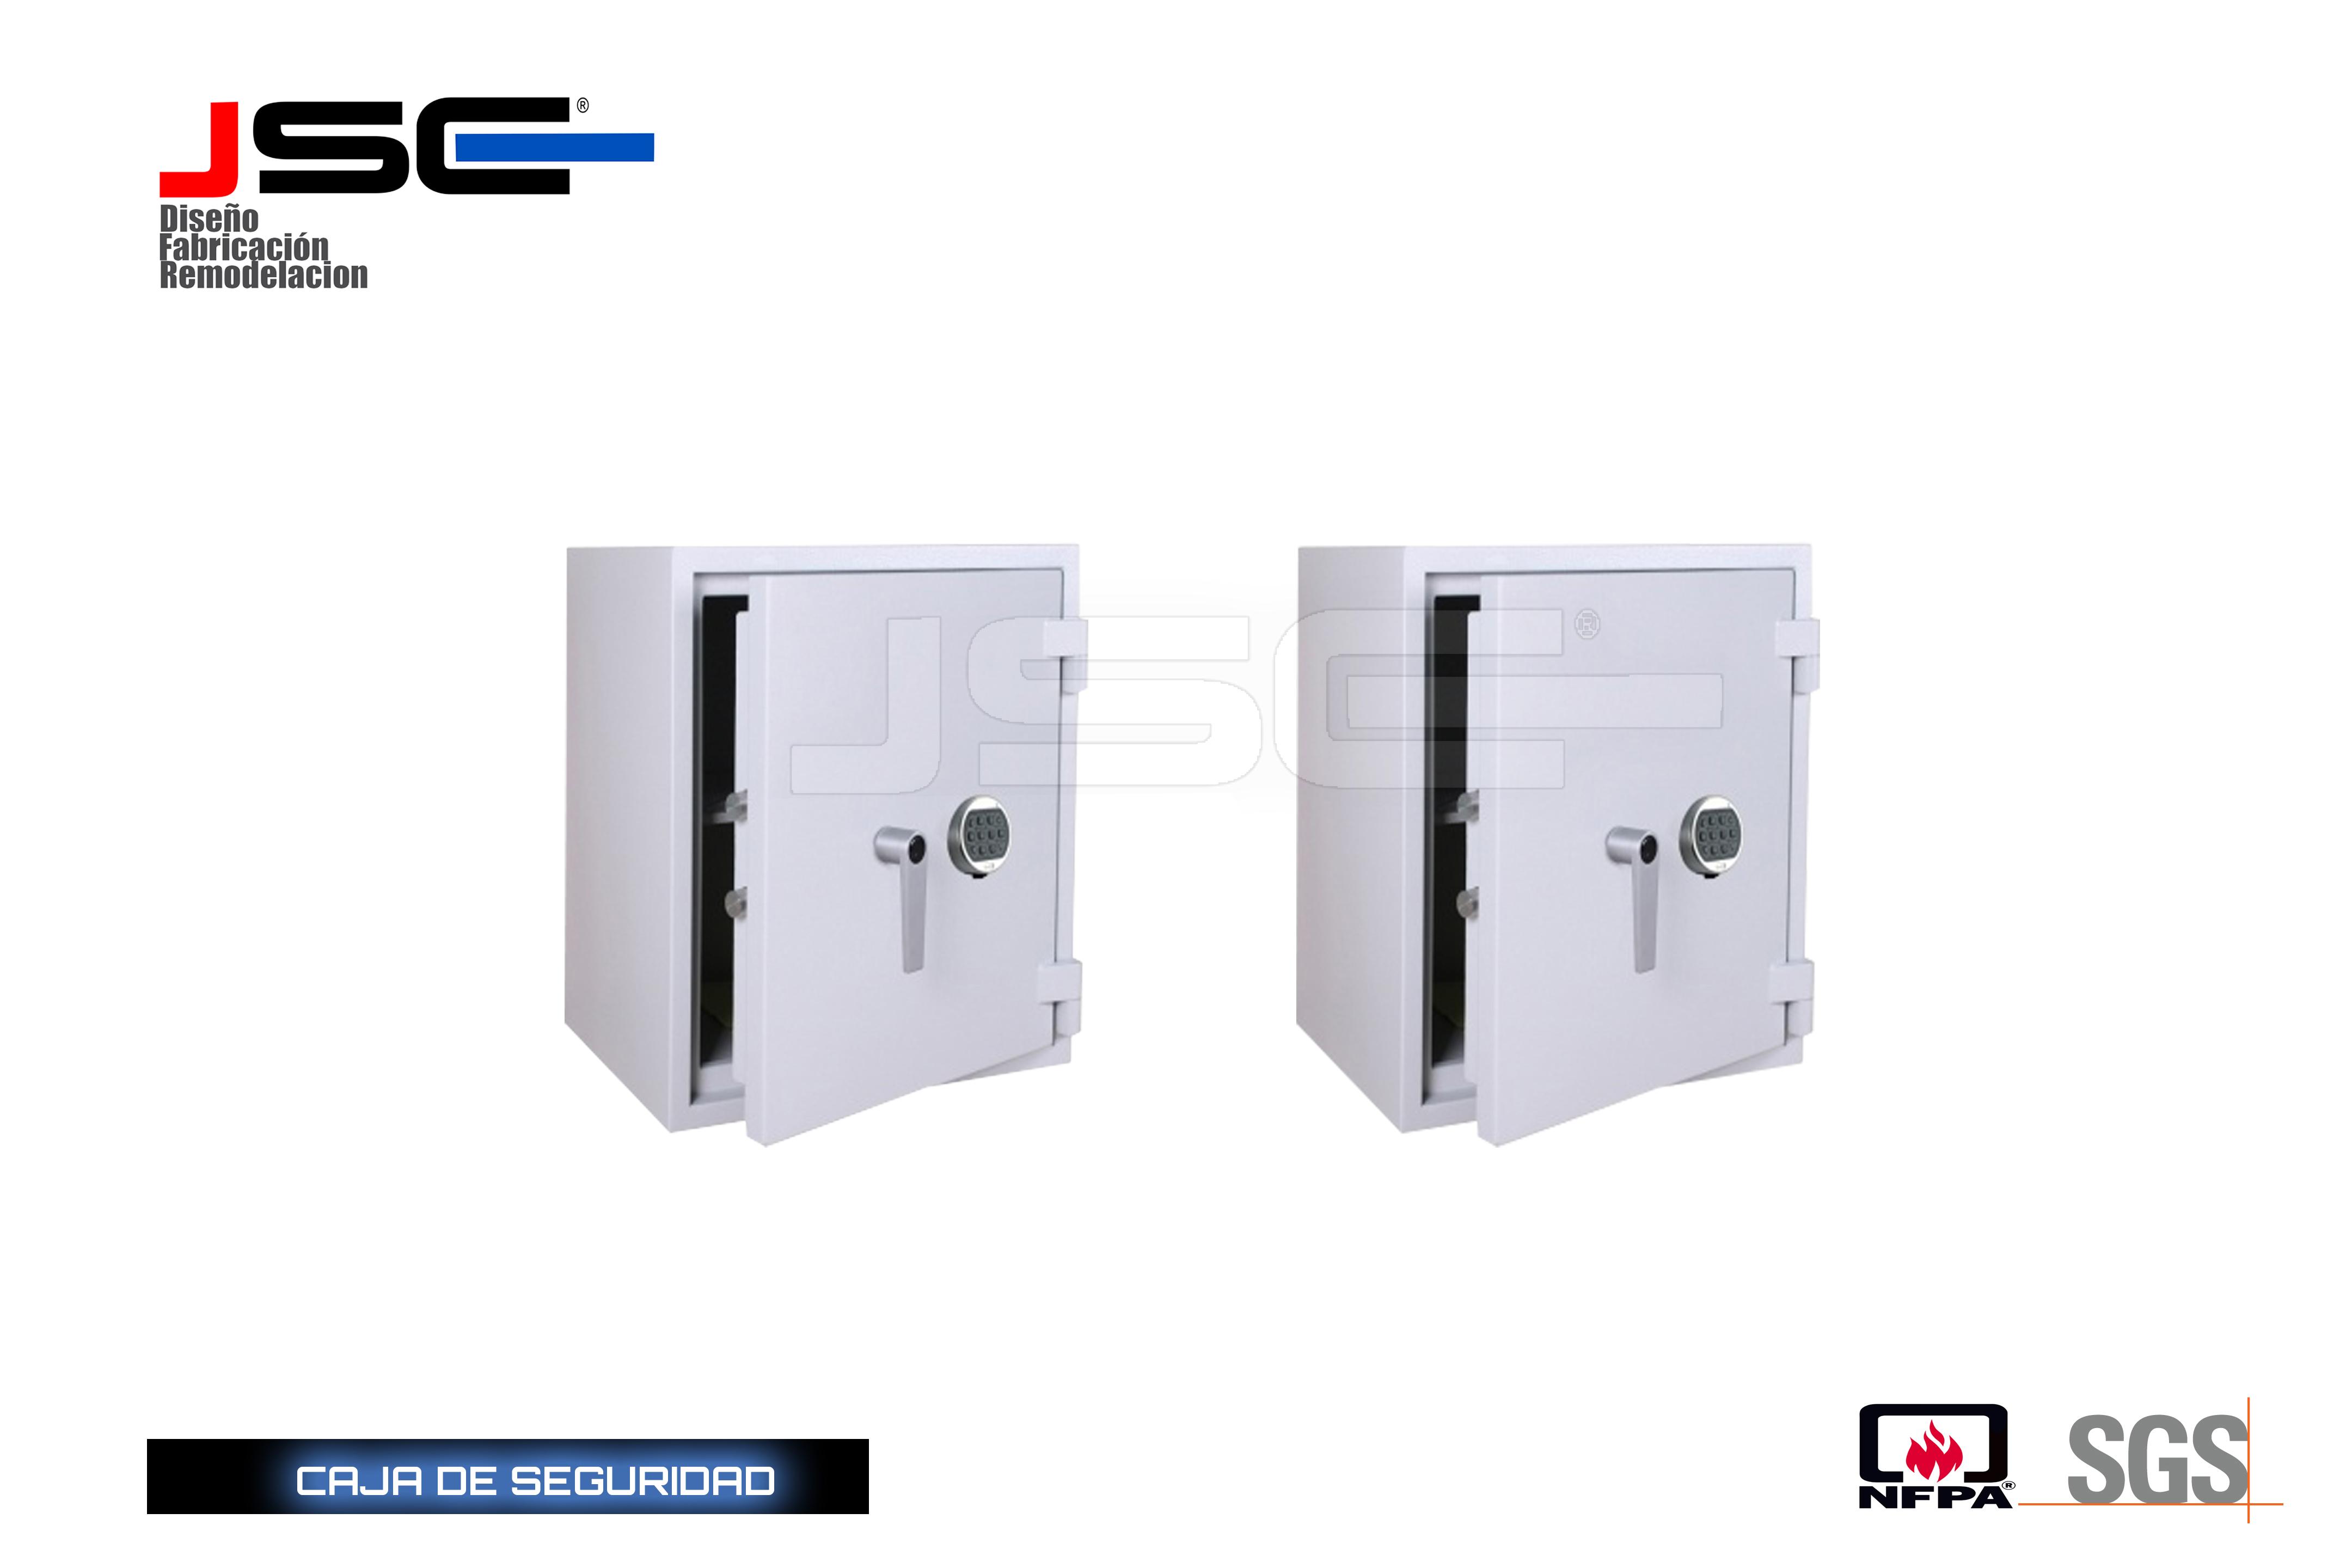 Caja de piso JSCP008